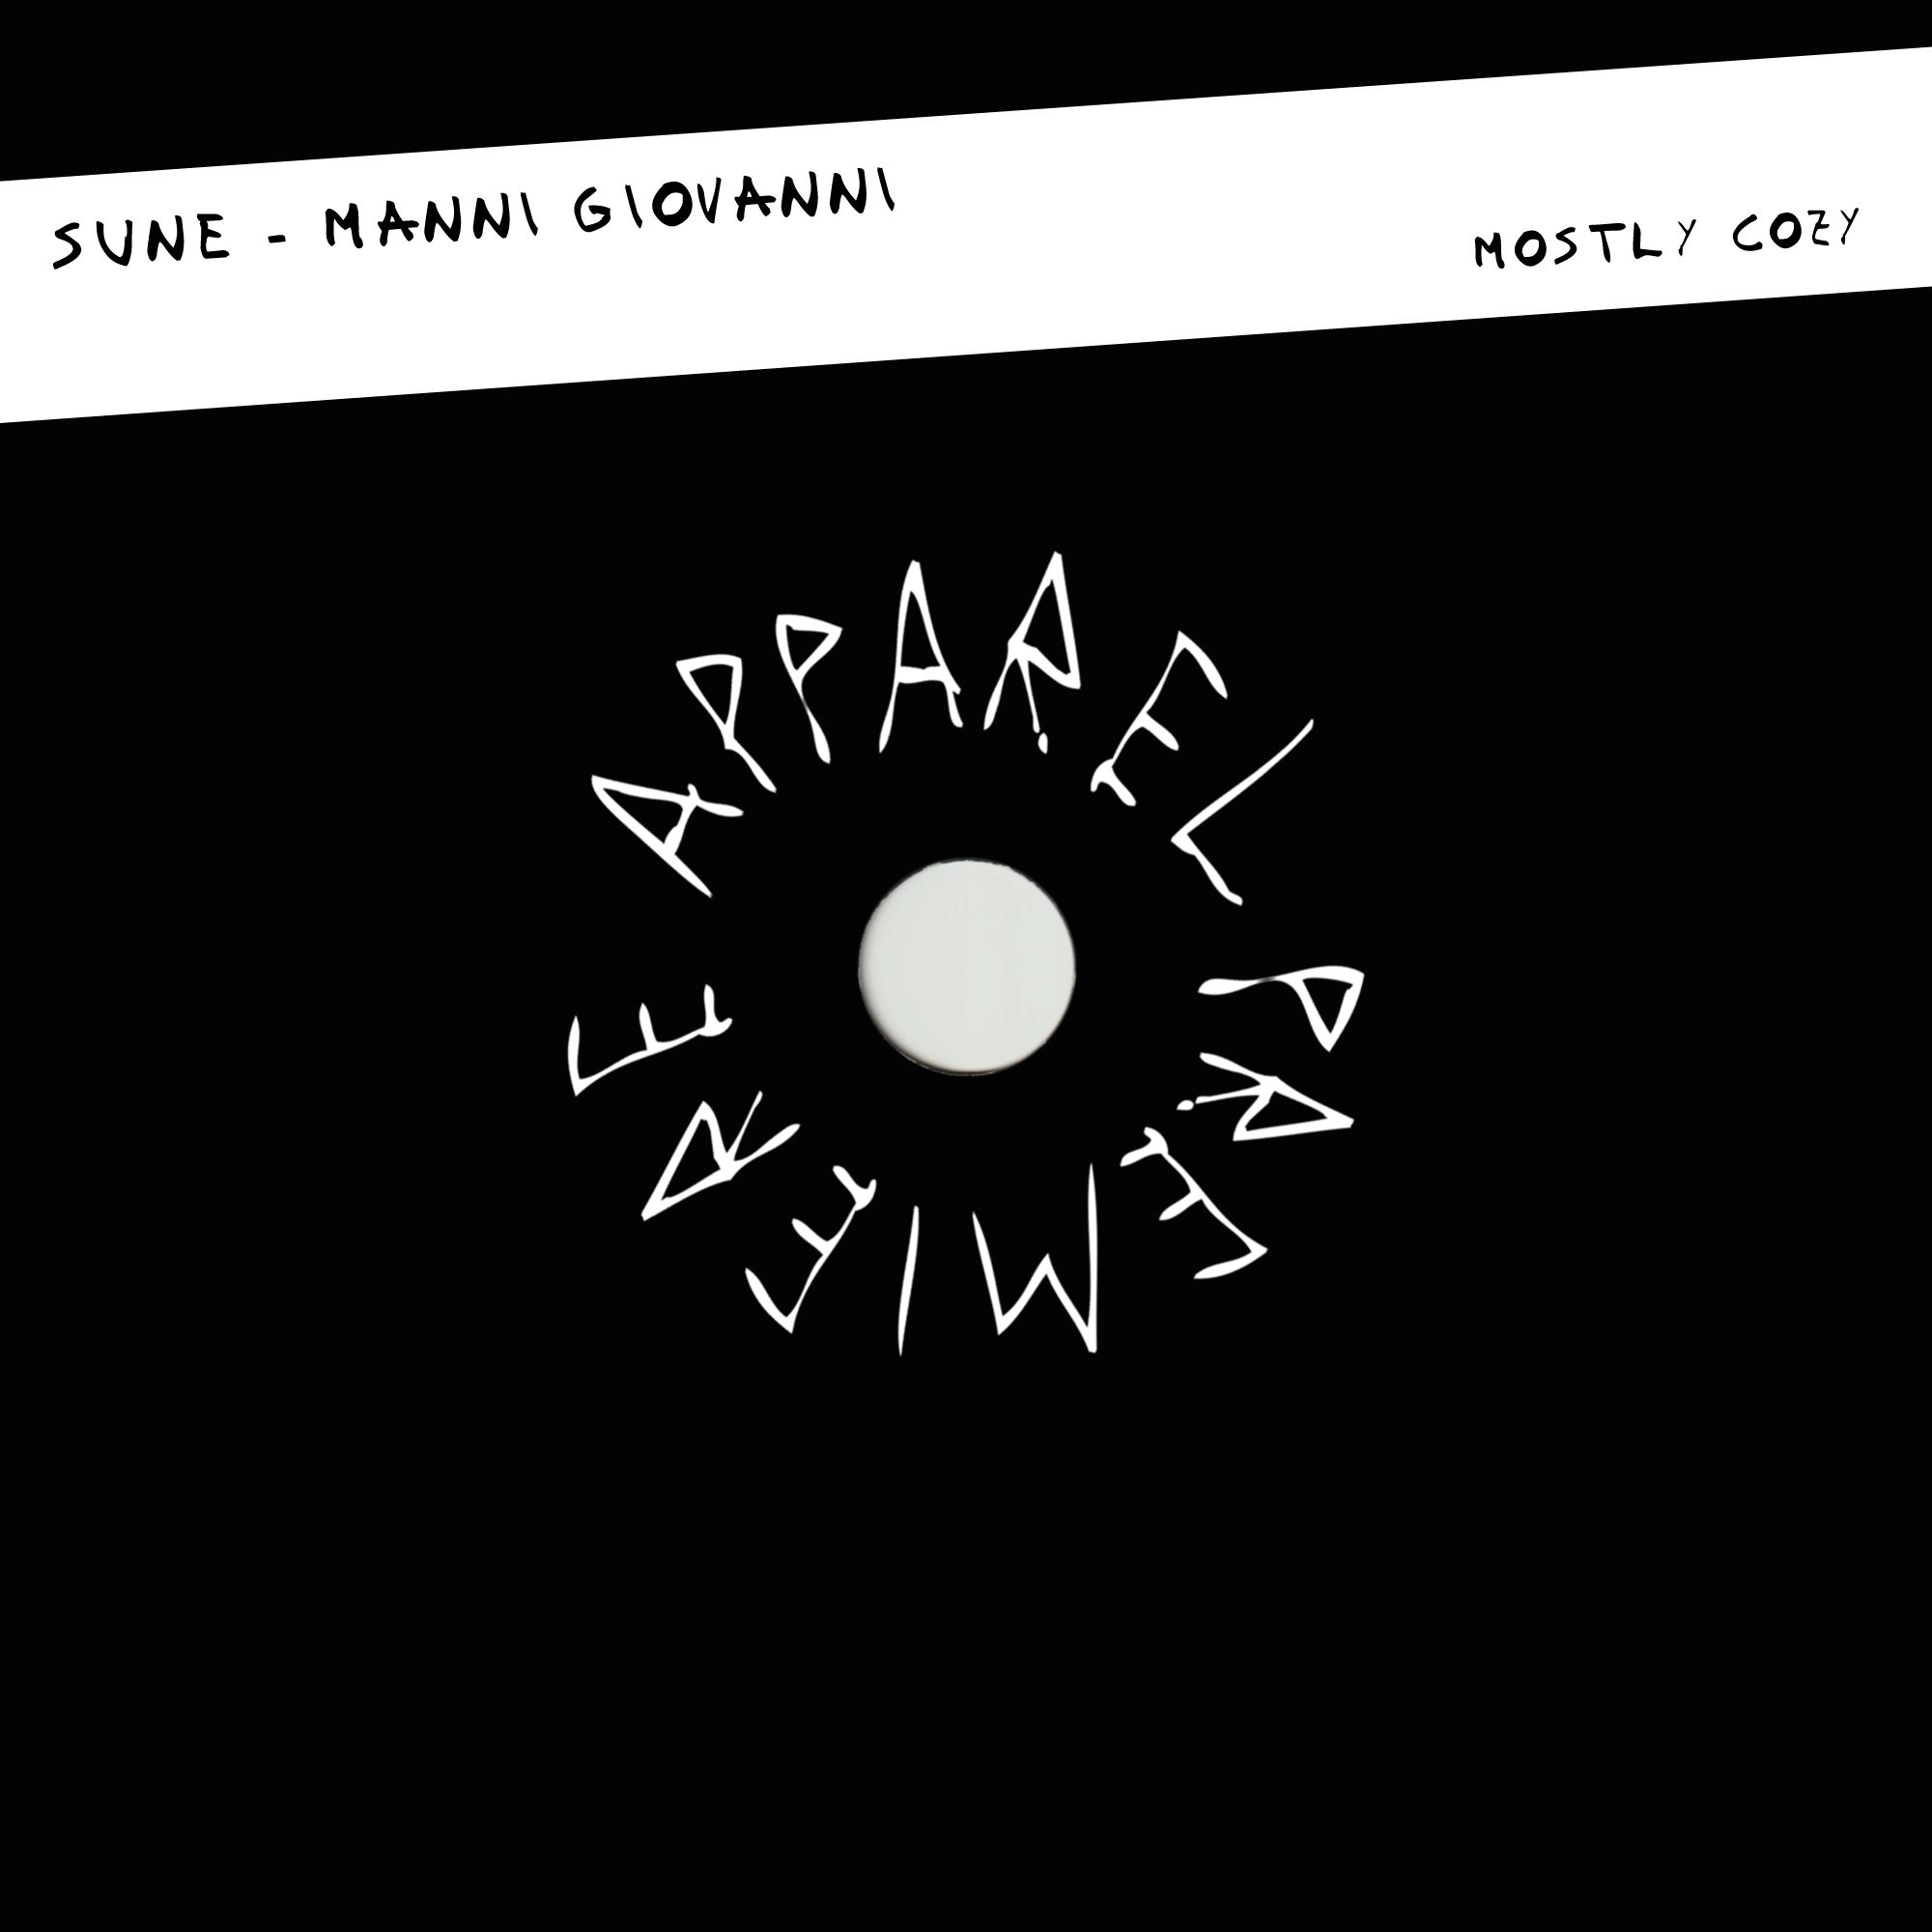 APPAREL PREMIERE: Sune – Manni Giovanni [Mostly Cozy]